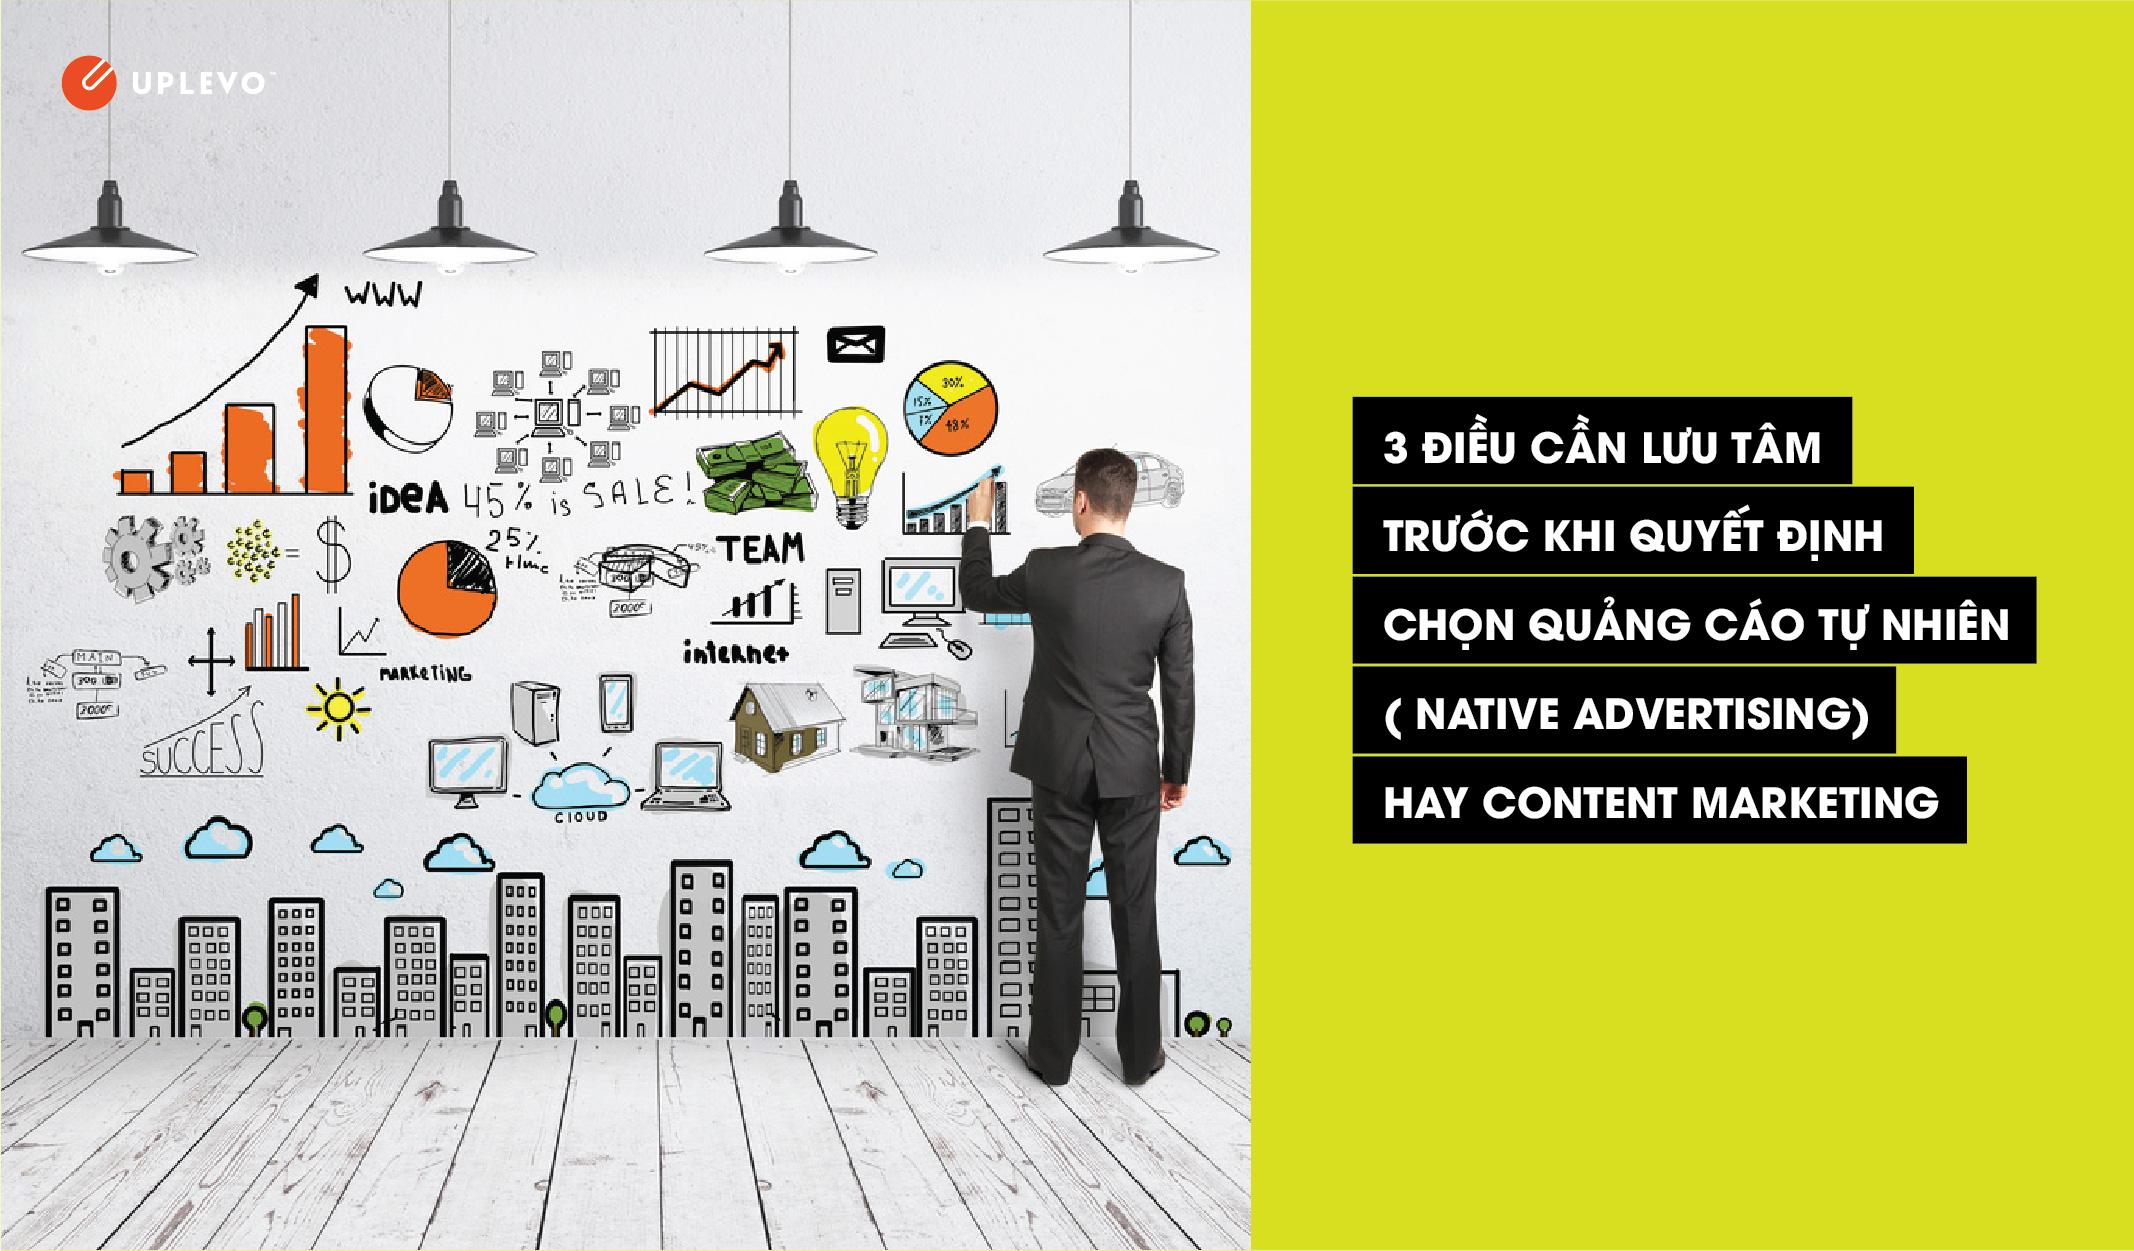 3 điều cần lưu tâm trước khi quyết định chọn quảng cáo tự nhiên (native advertising) hay Content Marketing